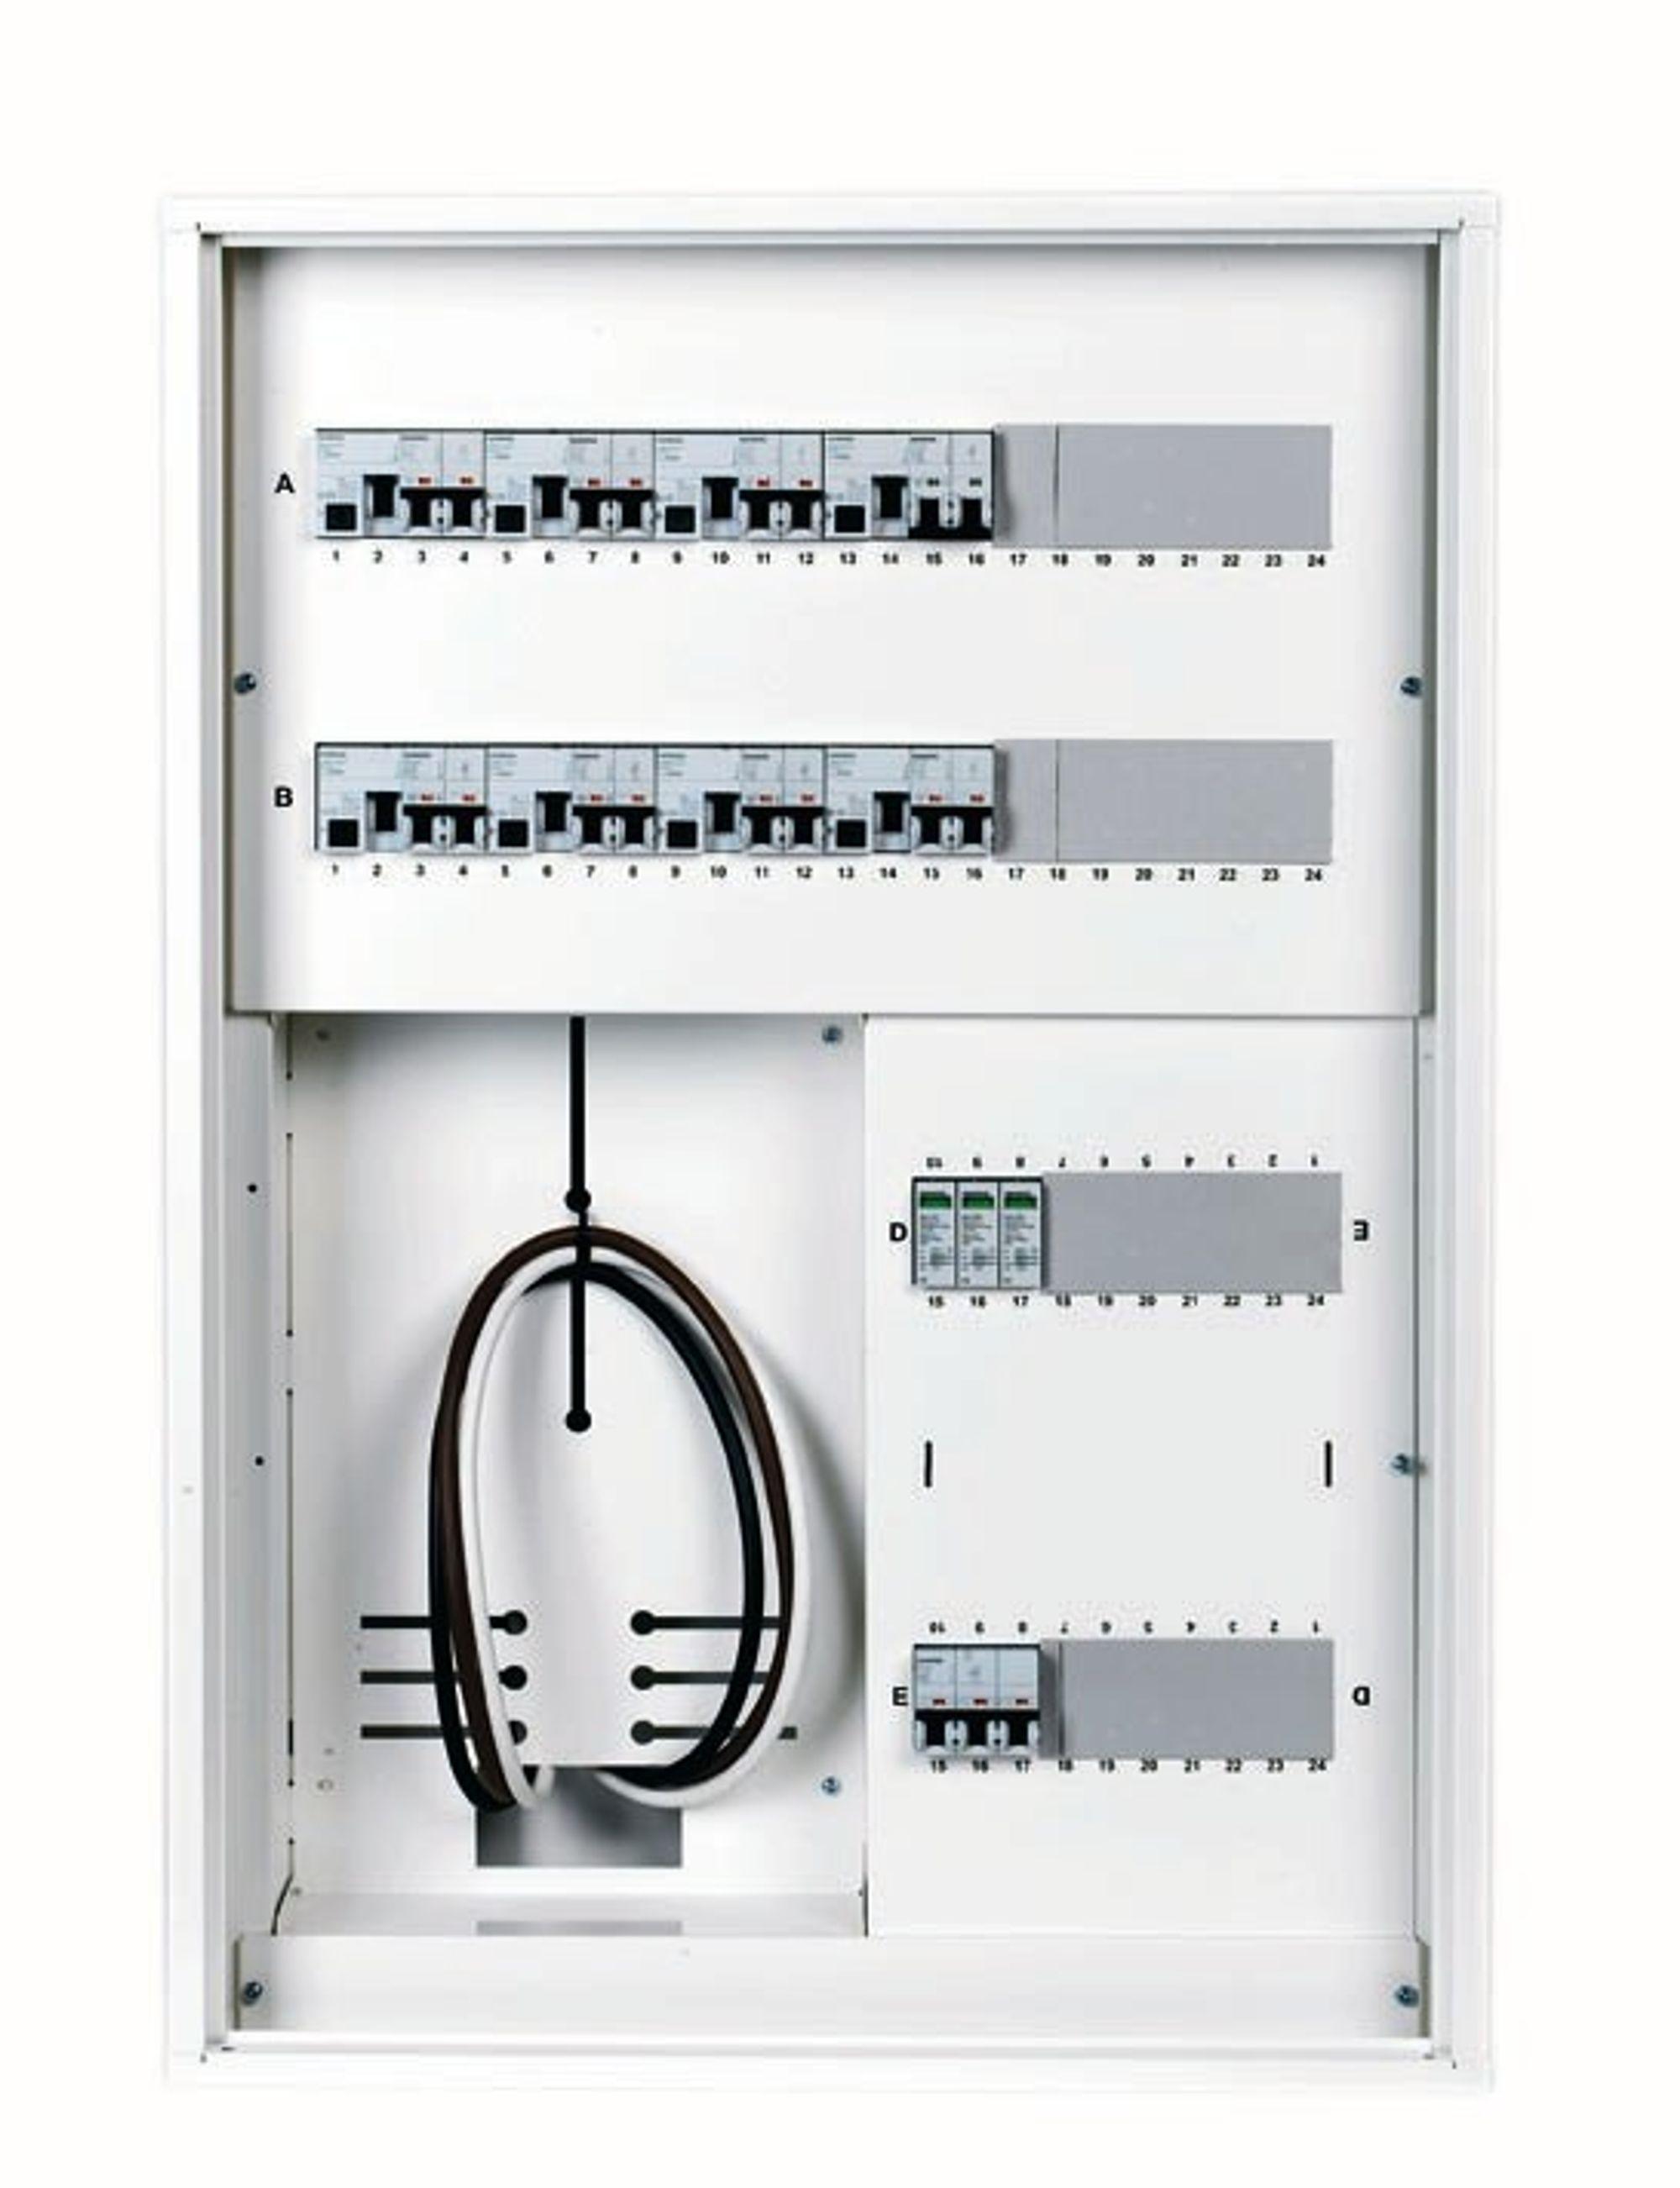 ENKELT: Dekkplatene i det nye skapet er forhåndsmerket med modulnummer ifølge normen, slik at installatøren unngår tidkrevende merking med kursnummer. Skapet kan enkelt bygges om fra boligskap medmåler til et rent fordelingsskap.